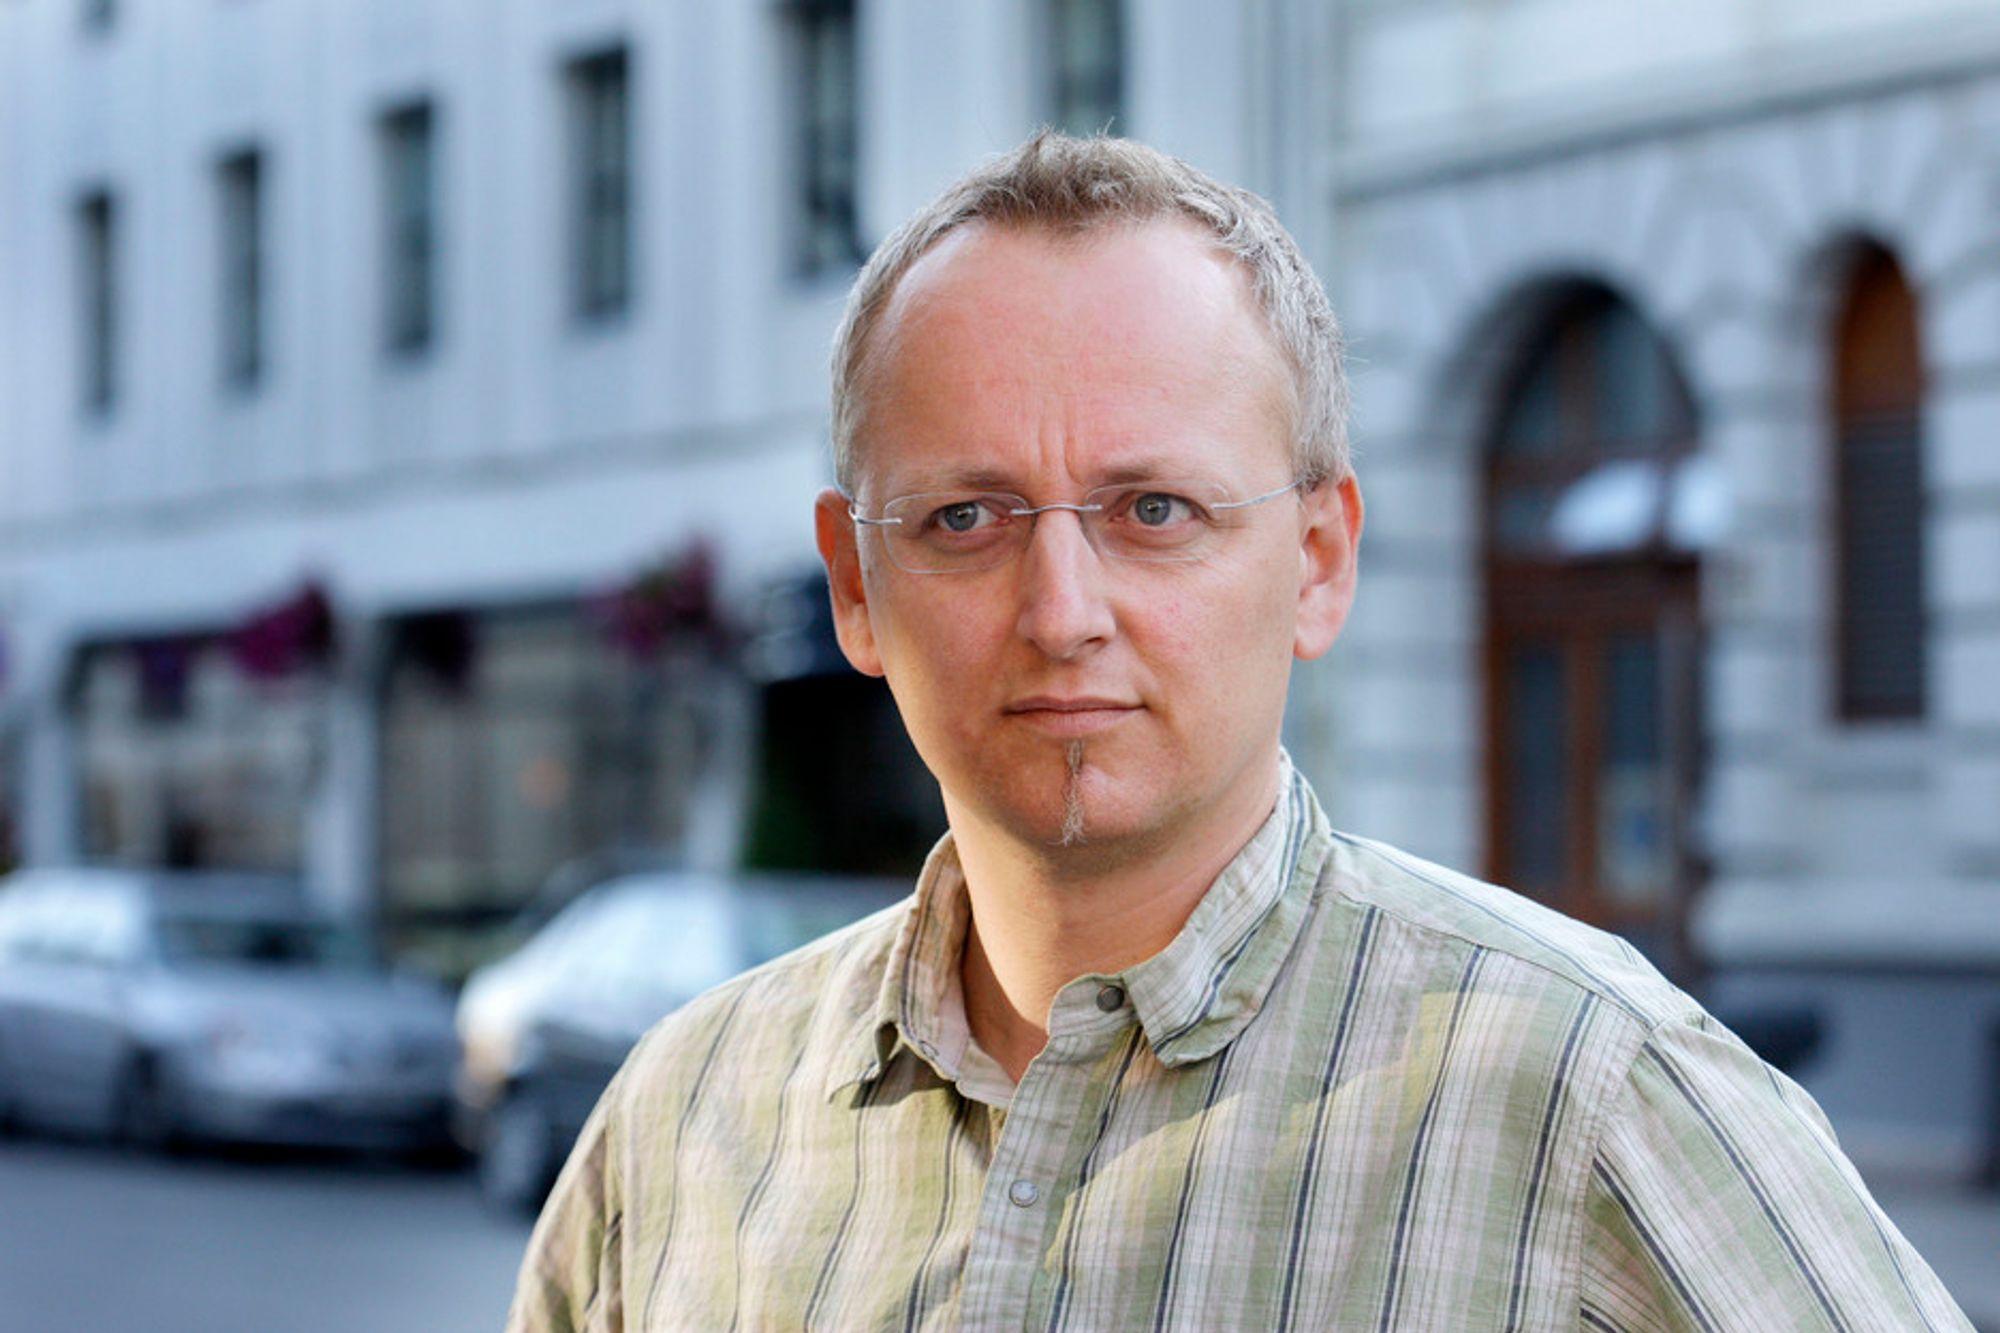 NEI TIL OLJE: Stormberg-eier Steinar J. Olsen ønsker å styrke Natur og Ungdom i kampen mot oljeboring i Lofoten, og gir organisasjonen 50 000 kroner. Han oppfordrer andre næringslivsfolk til å gjøre det samme, etter modell av aksjonen for Frp nylig.